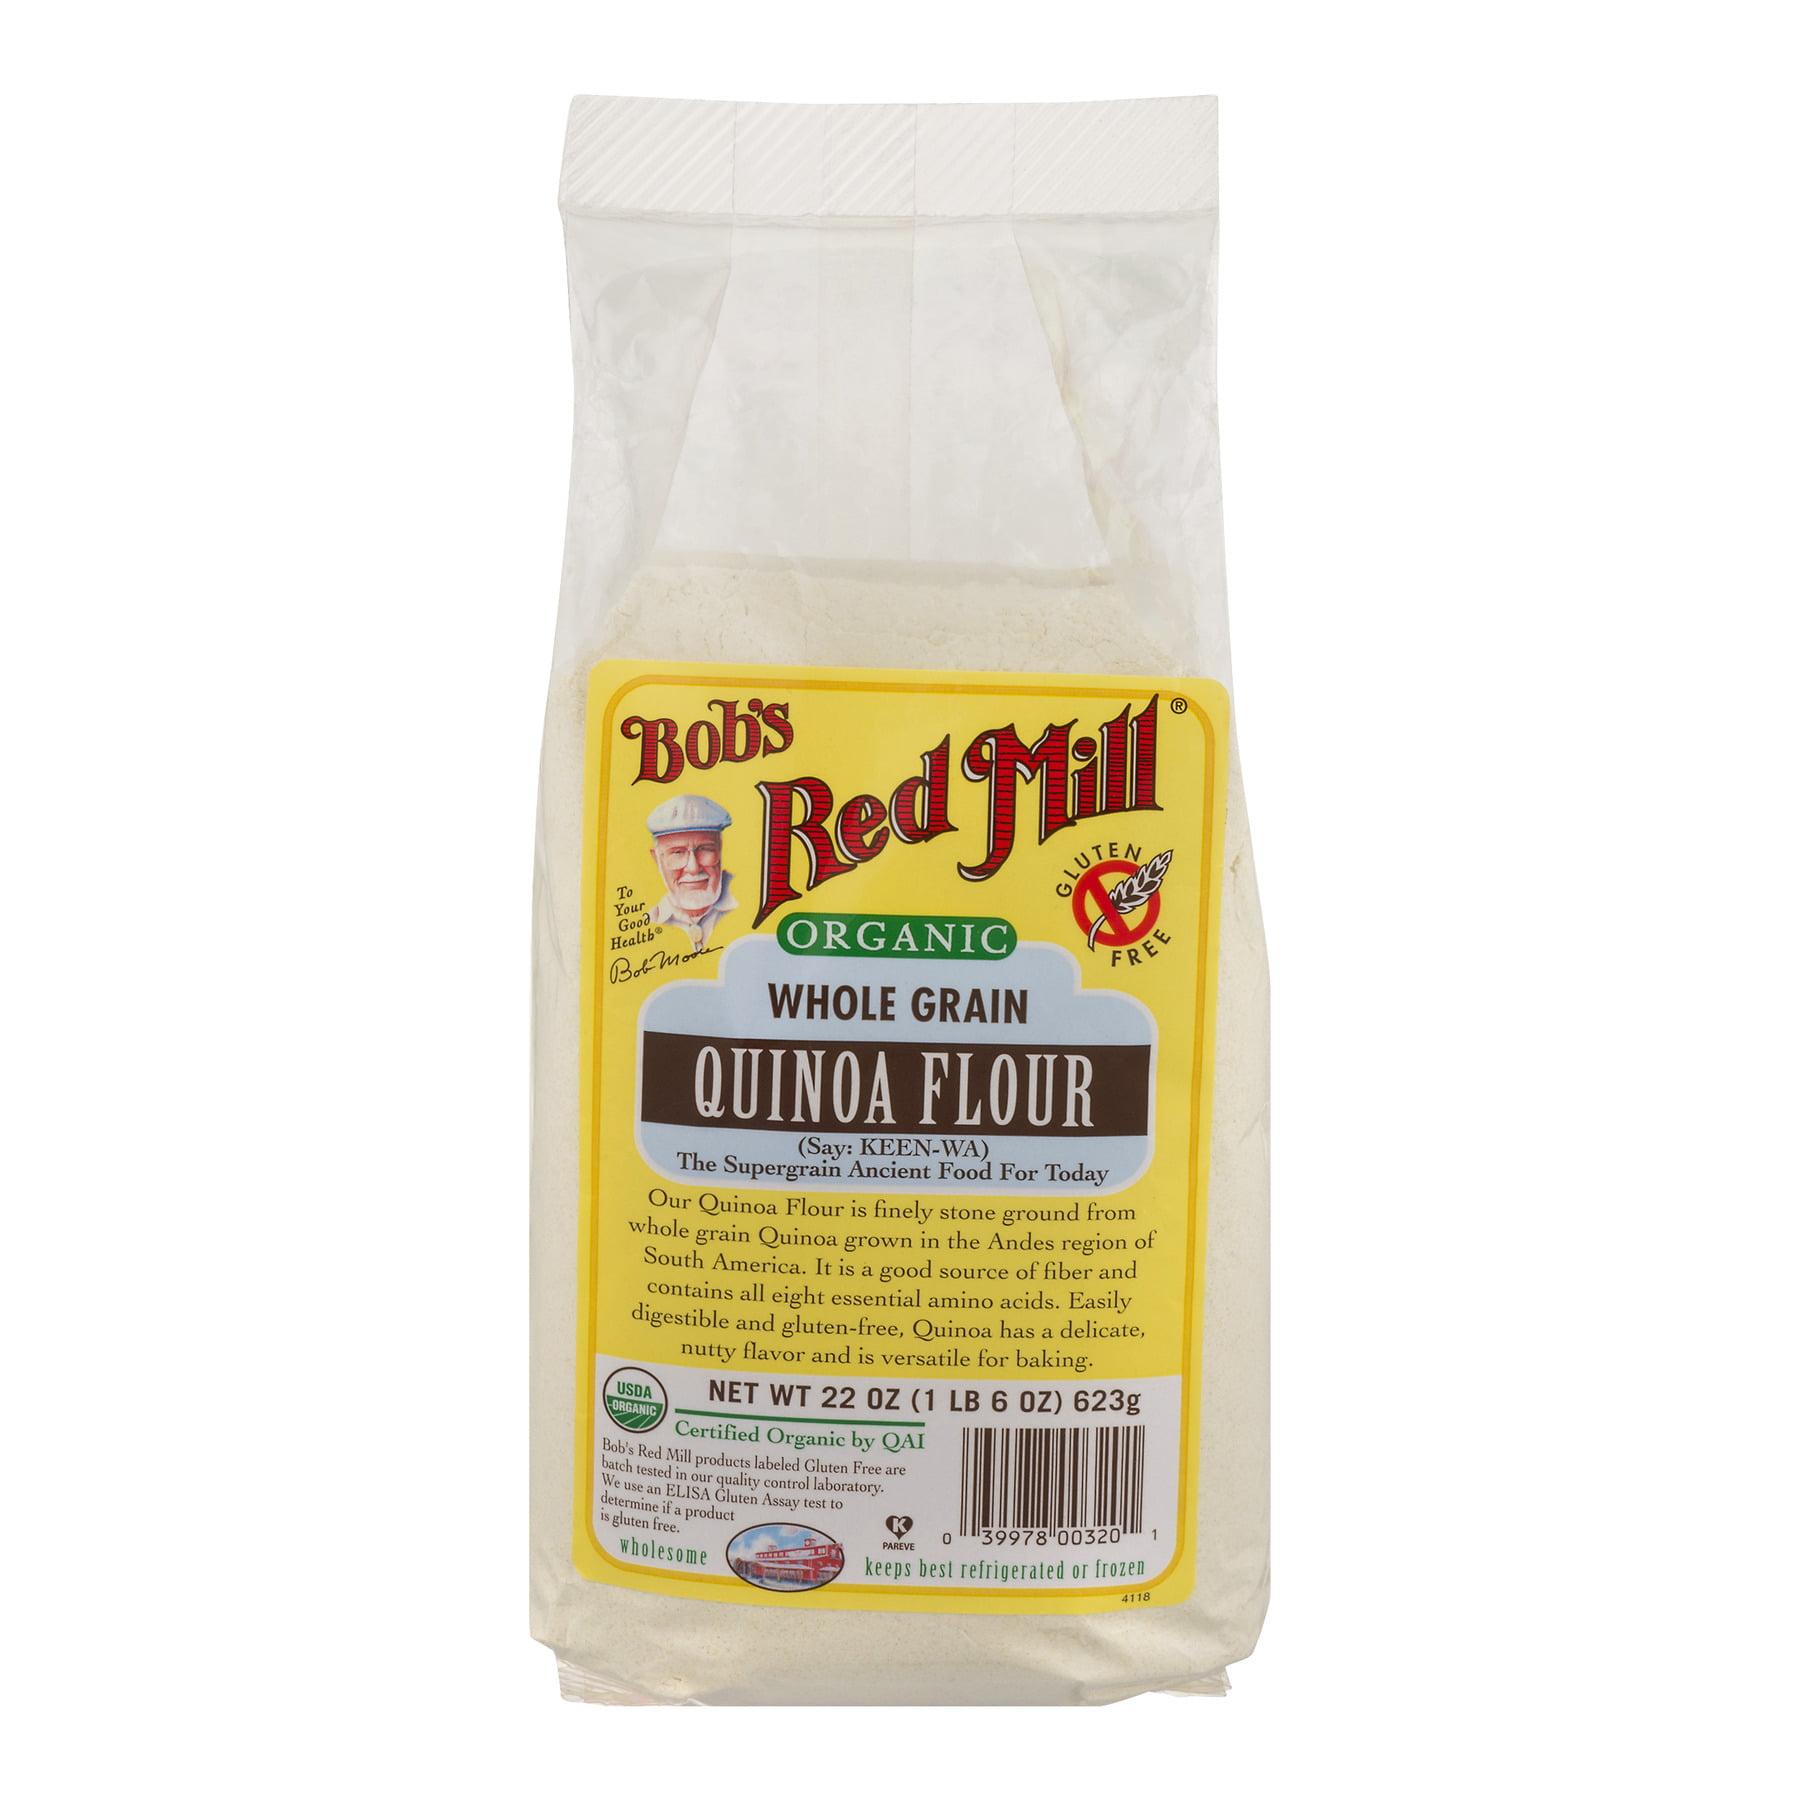 Bob's Red Mill Organic Whole Grain Quinoa Flour, 22 oz